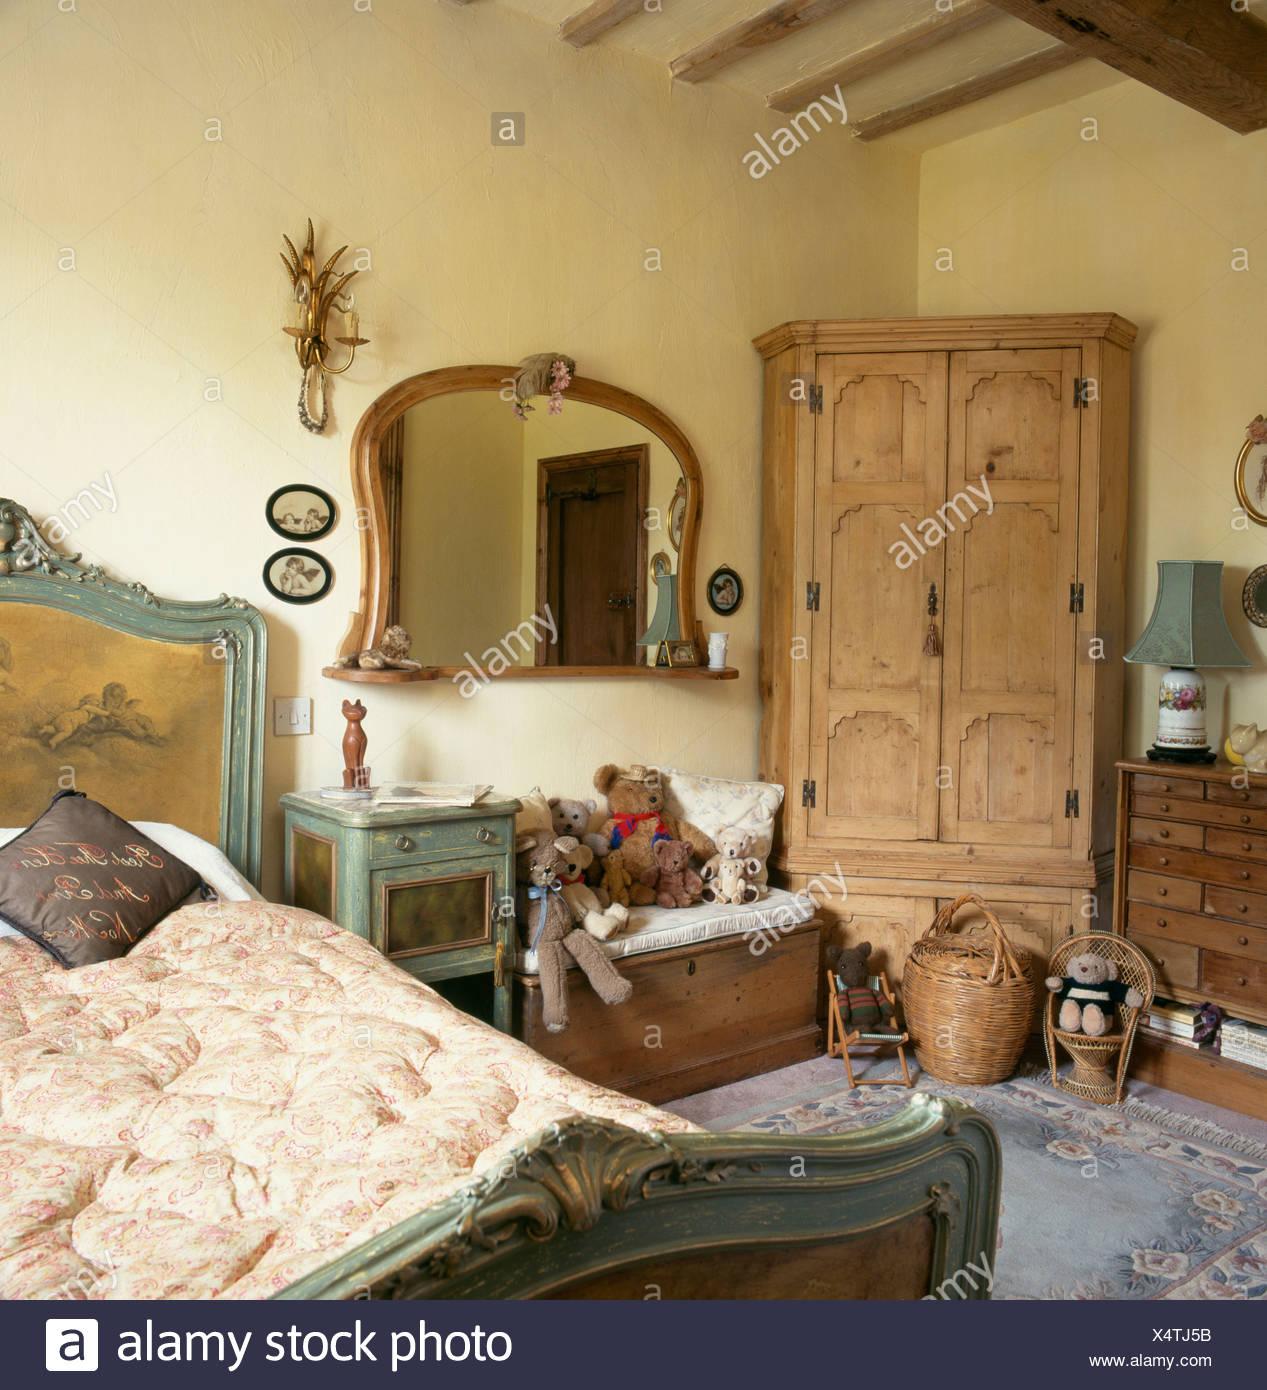 Antik Kiefer Eckschrank Schlafzimmer mit Holz Spiegel über Kiefer ...